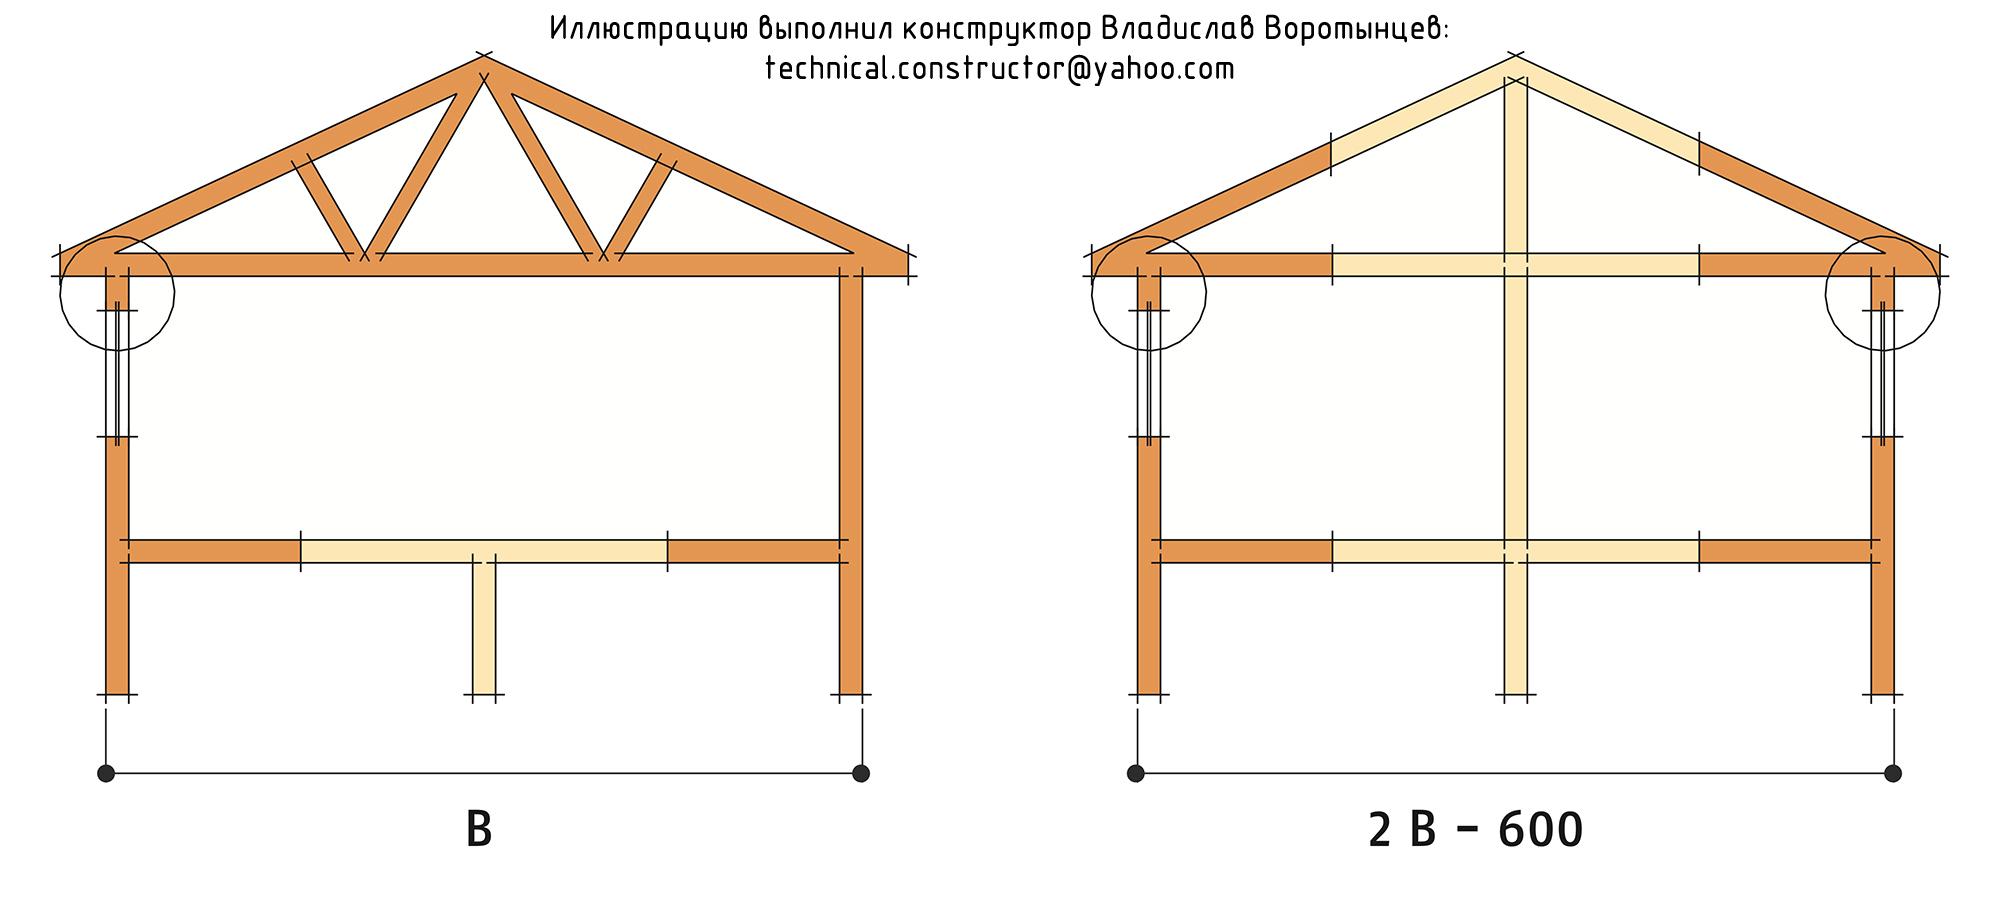 Рис. 9.25 «Максимальная ширина дома» указанная в таблице 9.6 и используемая при расчёте перемычек.